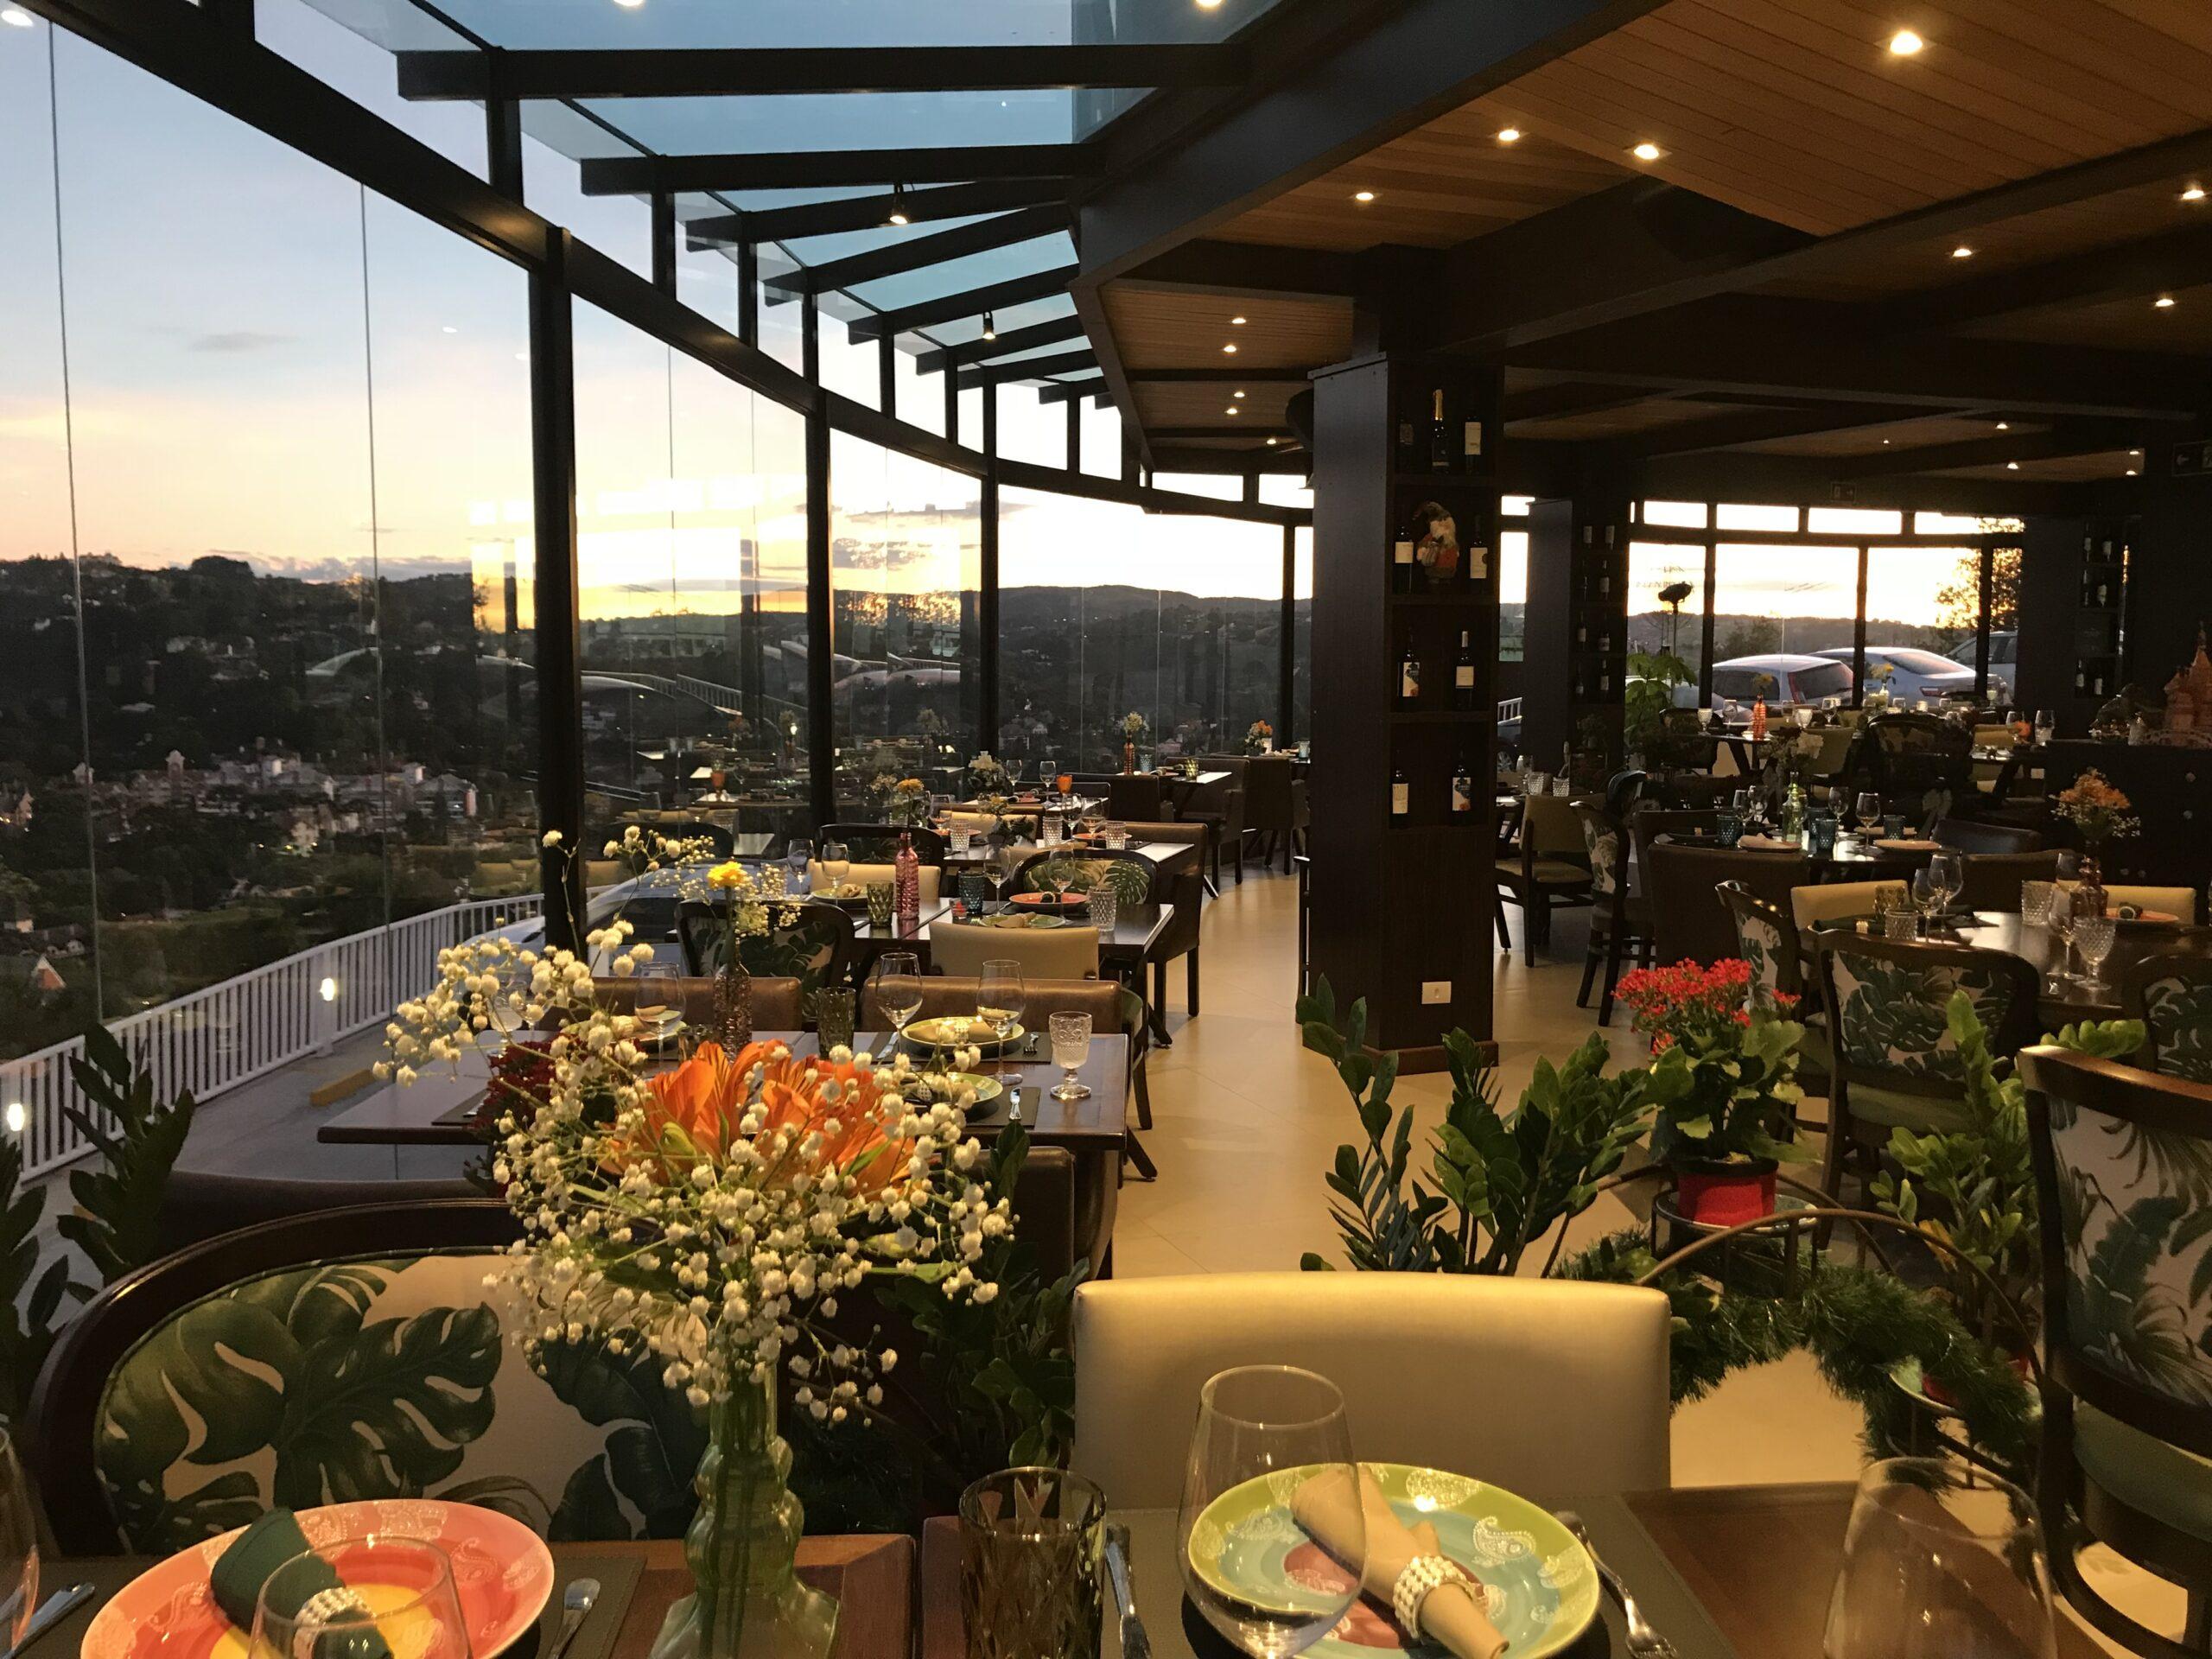 Vista panorâmica é destaque de hotel em Campos do Jordão (SP)